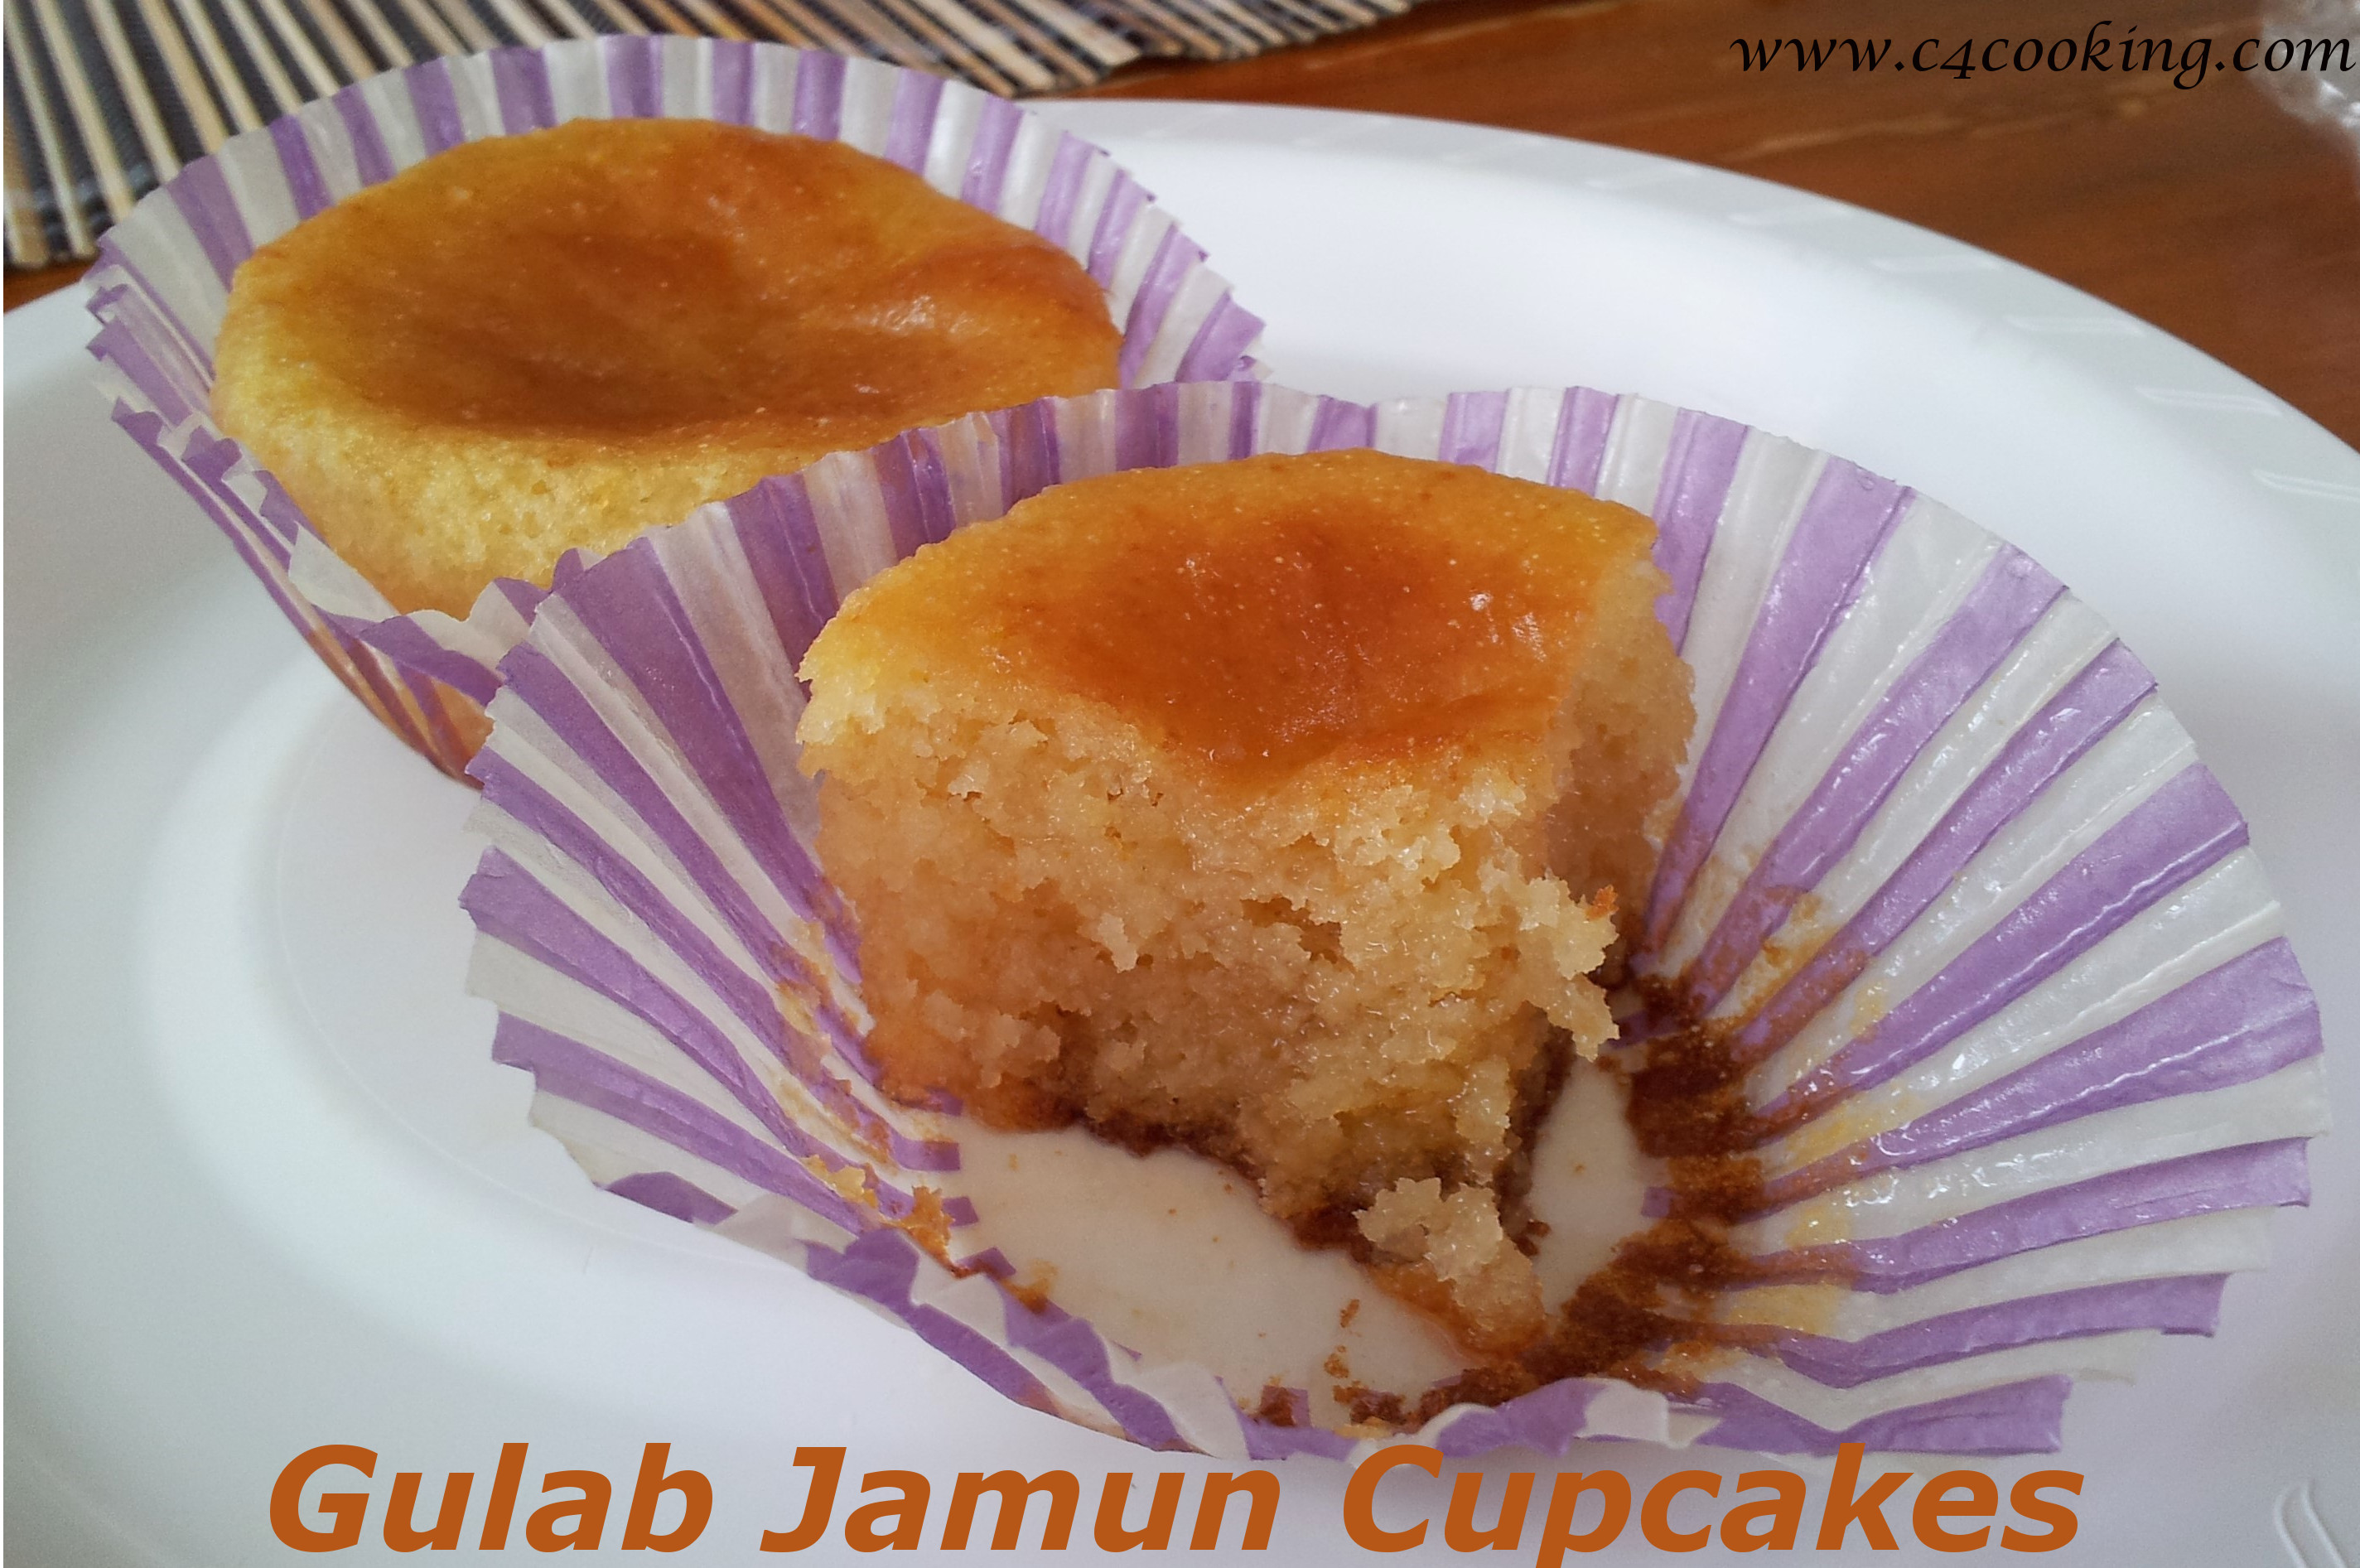 gulab jamun cupcakes recipe, gulab jamun recipe